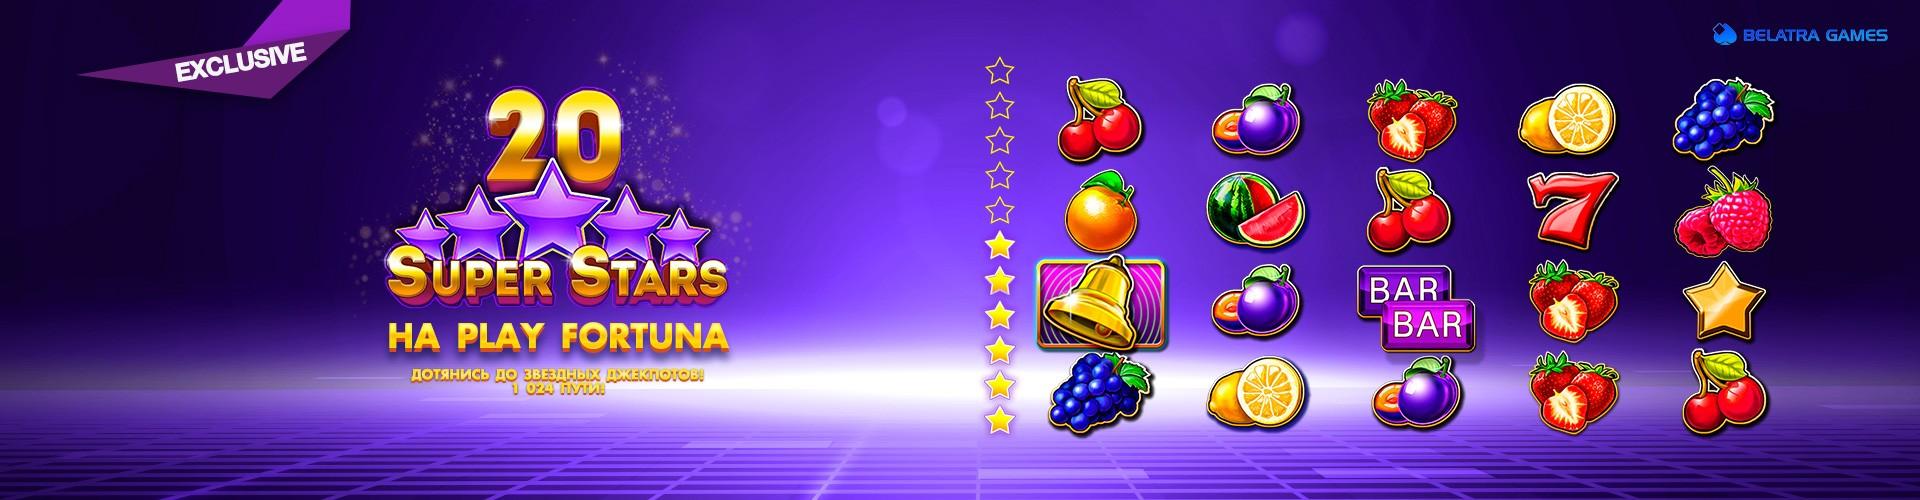 Игровой автомат на официальном сайте Плей Фортуна 20 Super Stars